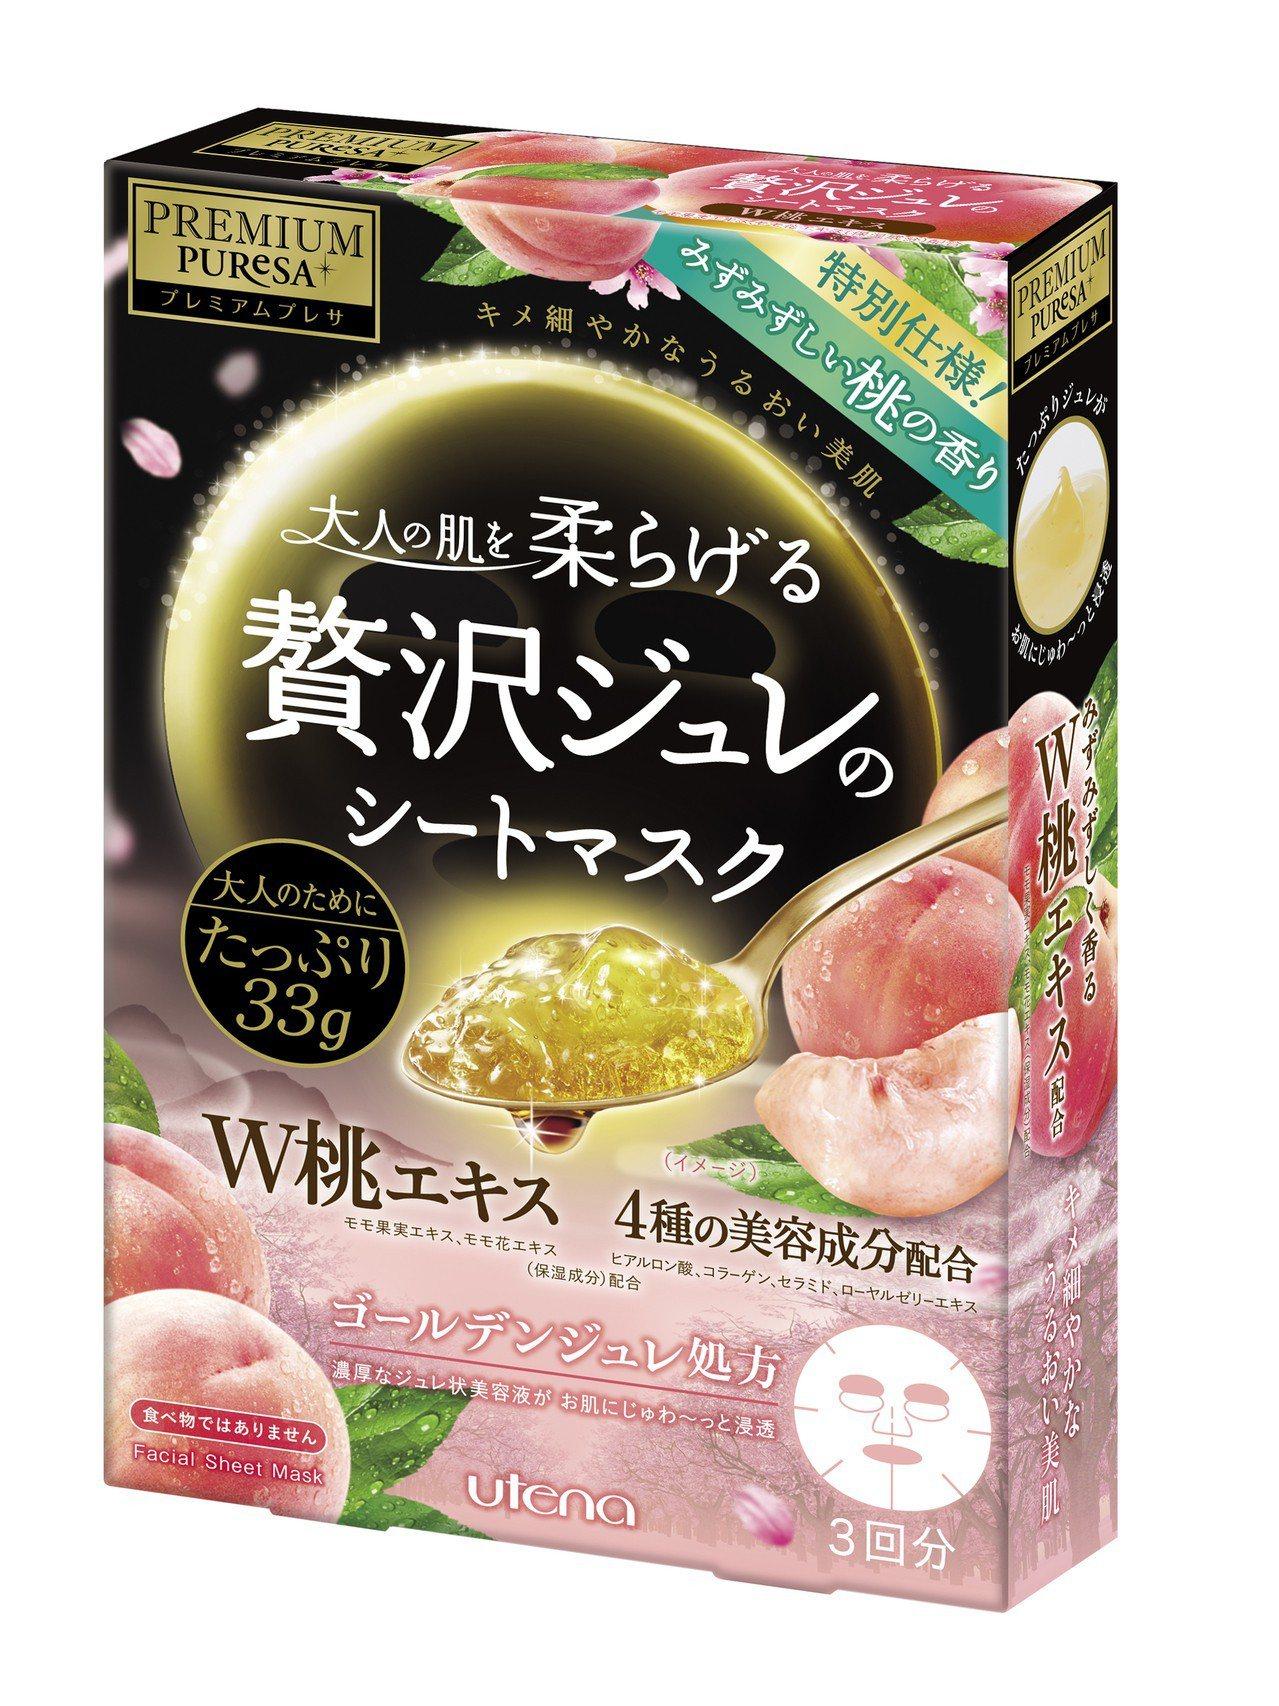 日本UTENA佑天蘭黃金果凍面膜(蜜桃),原價350元、特價279元。圖/台隆手...